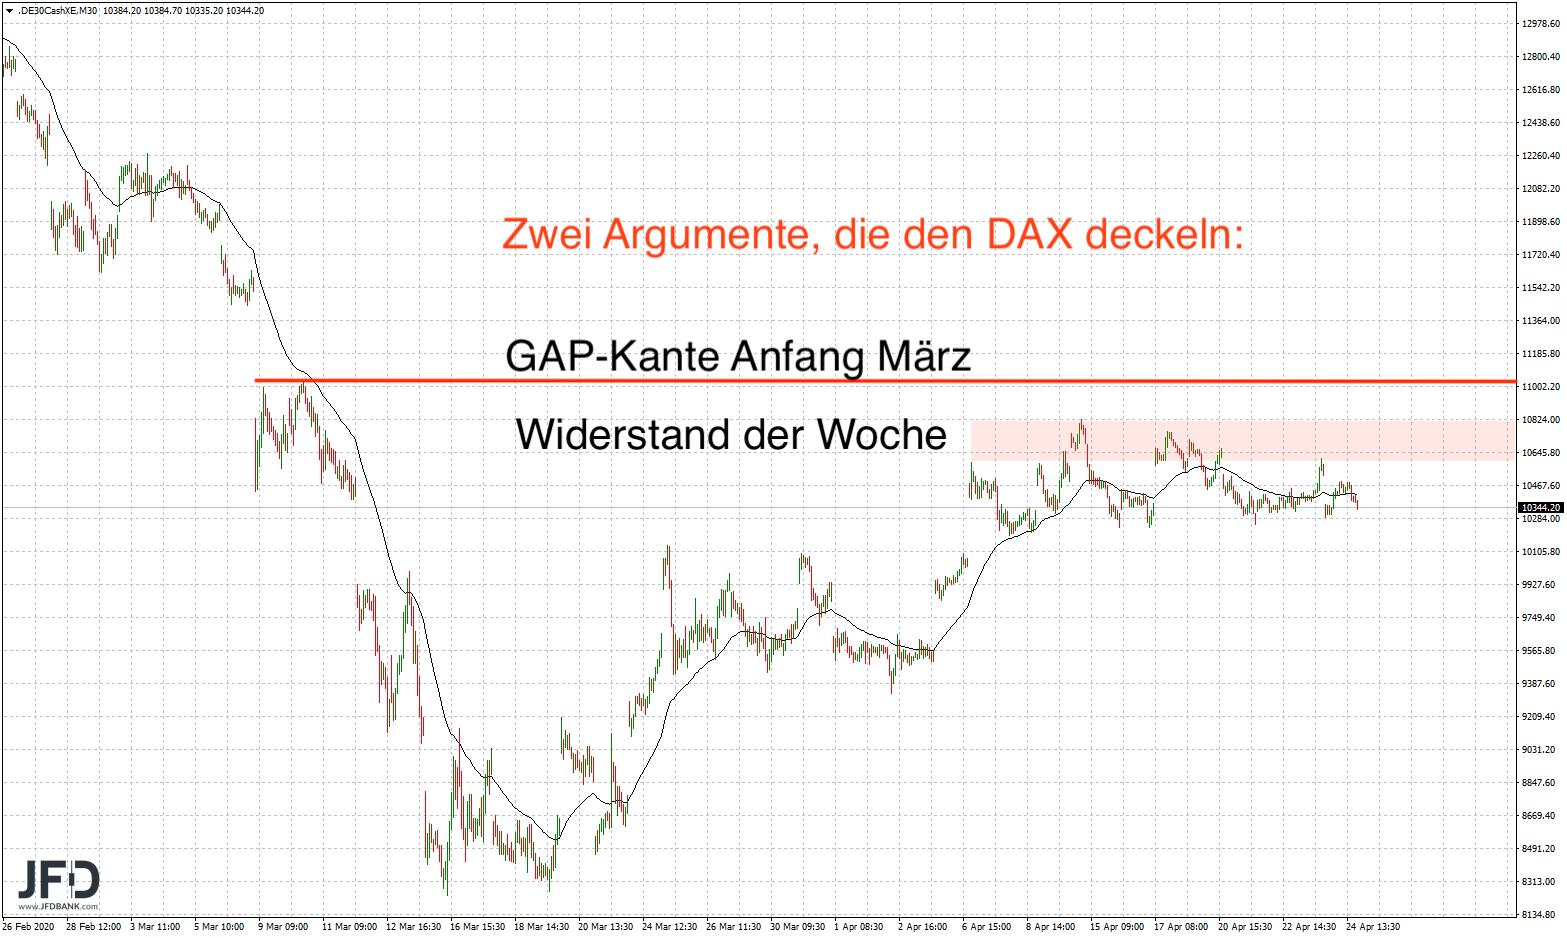 Argumente gegen DAX-Anstieg